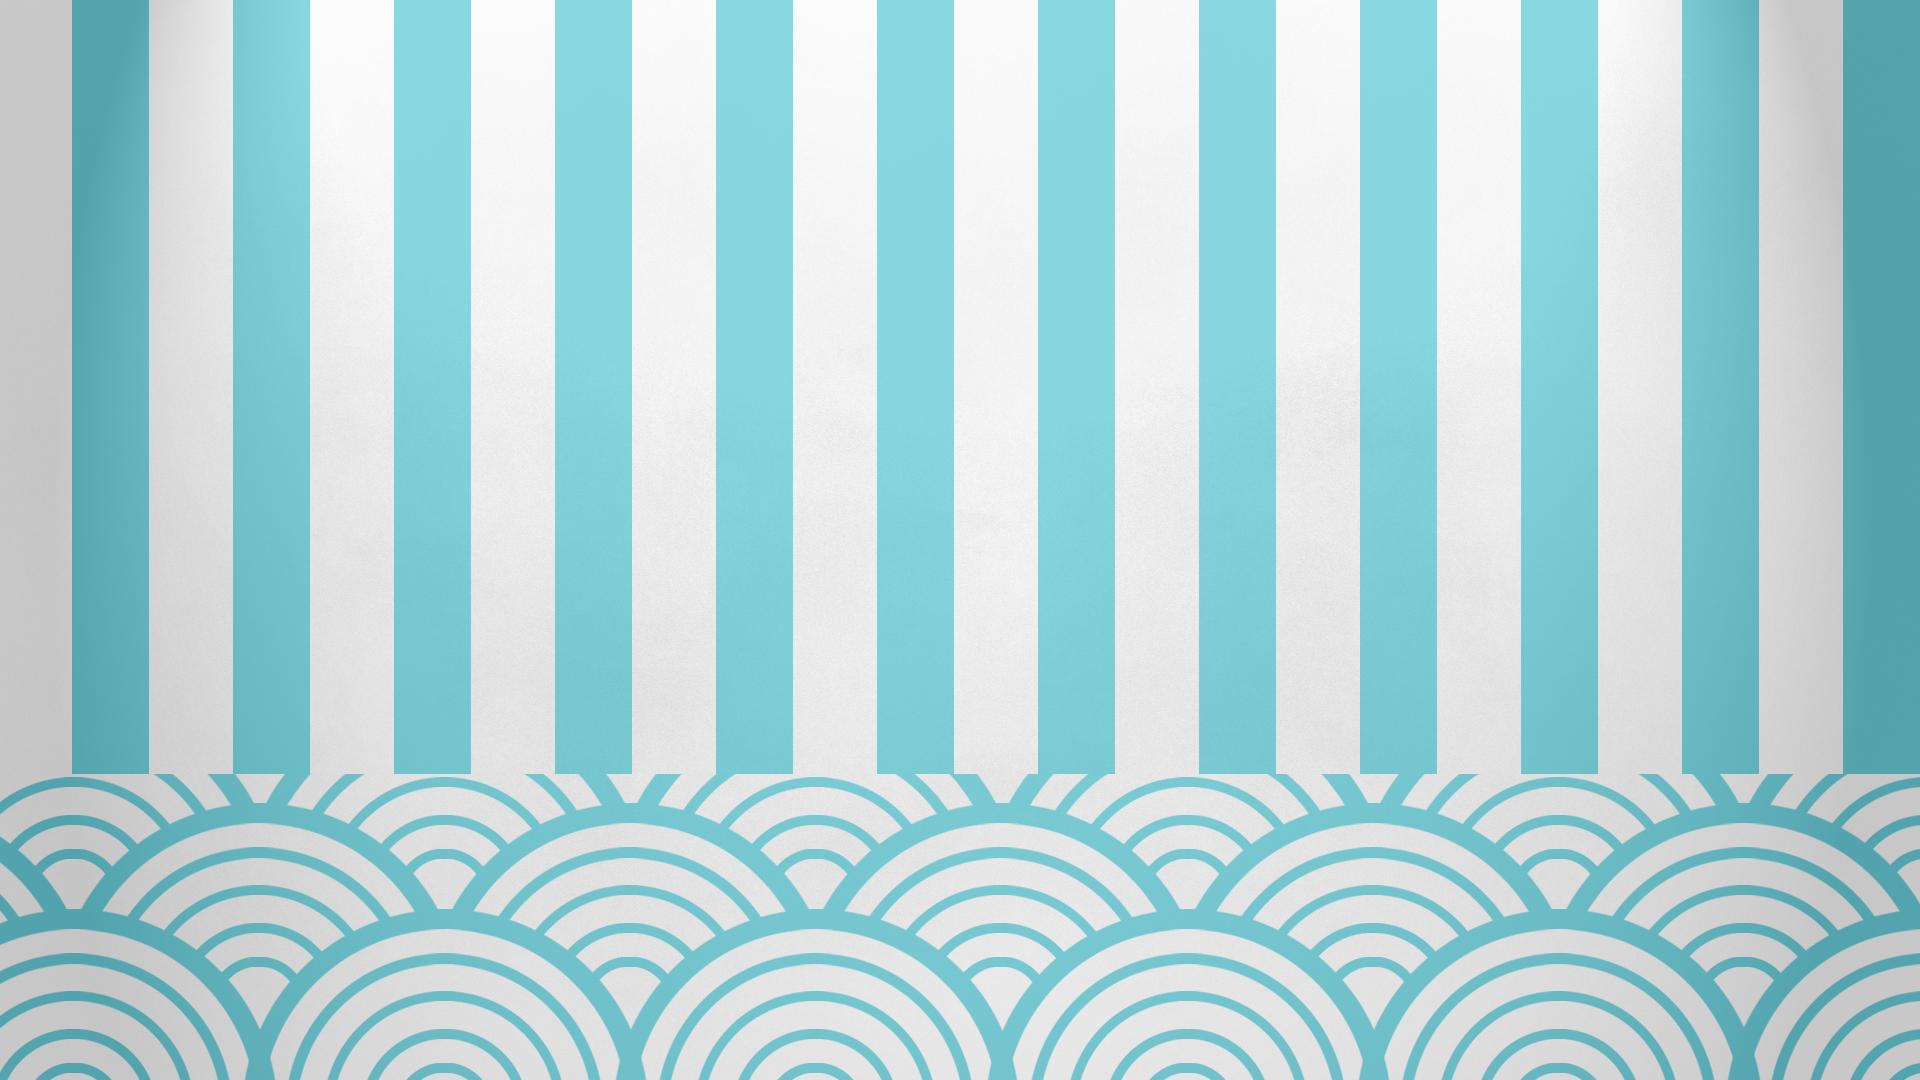 Patterns Stripes Wallpaper 1920x1080 Patterns Stripes Tsuritama 1920x1080